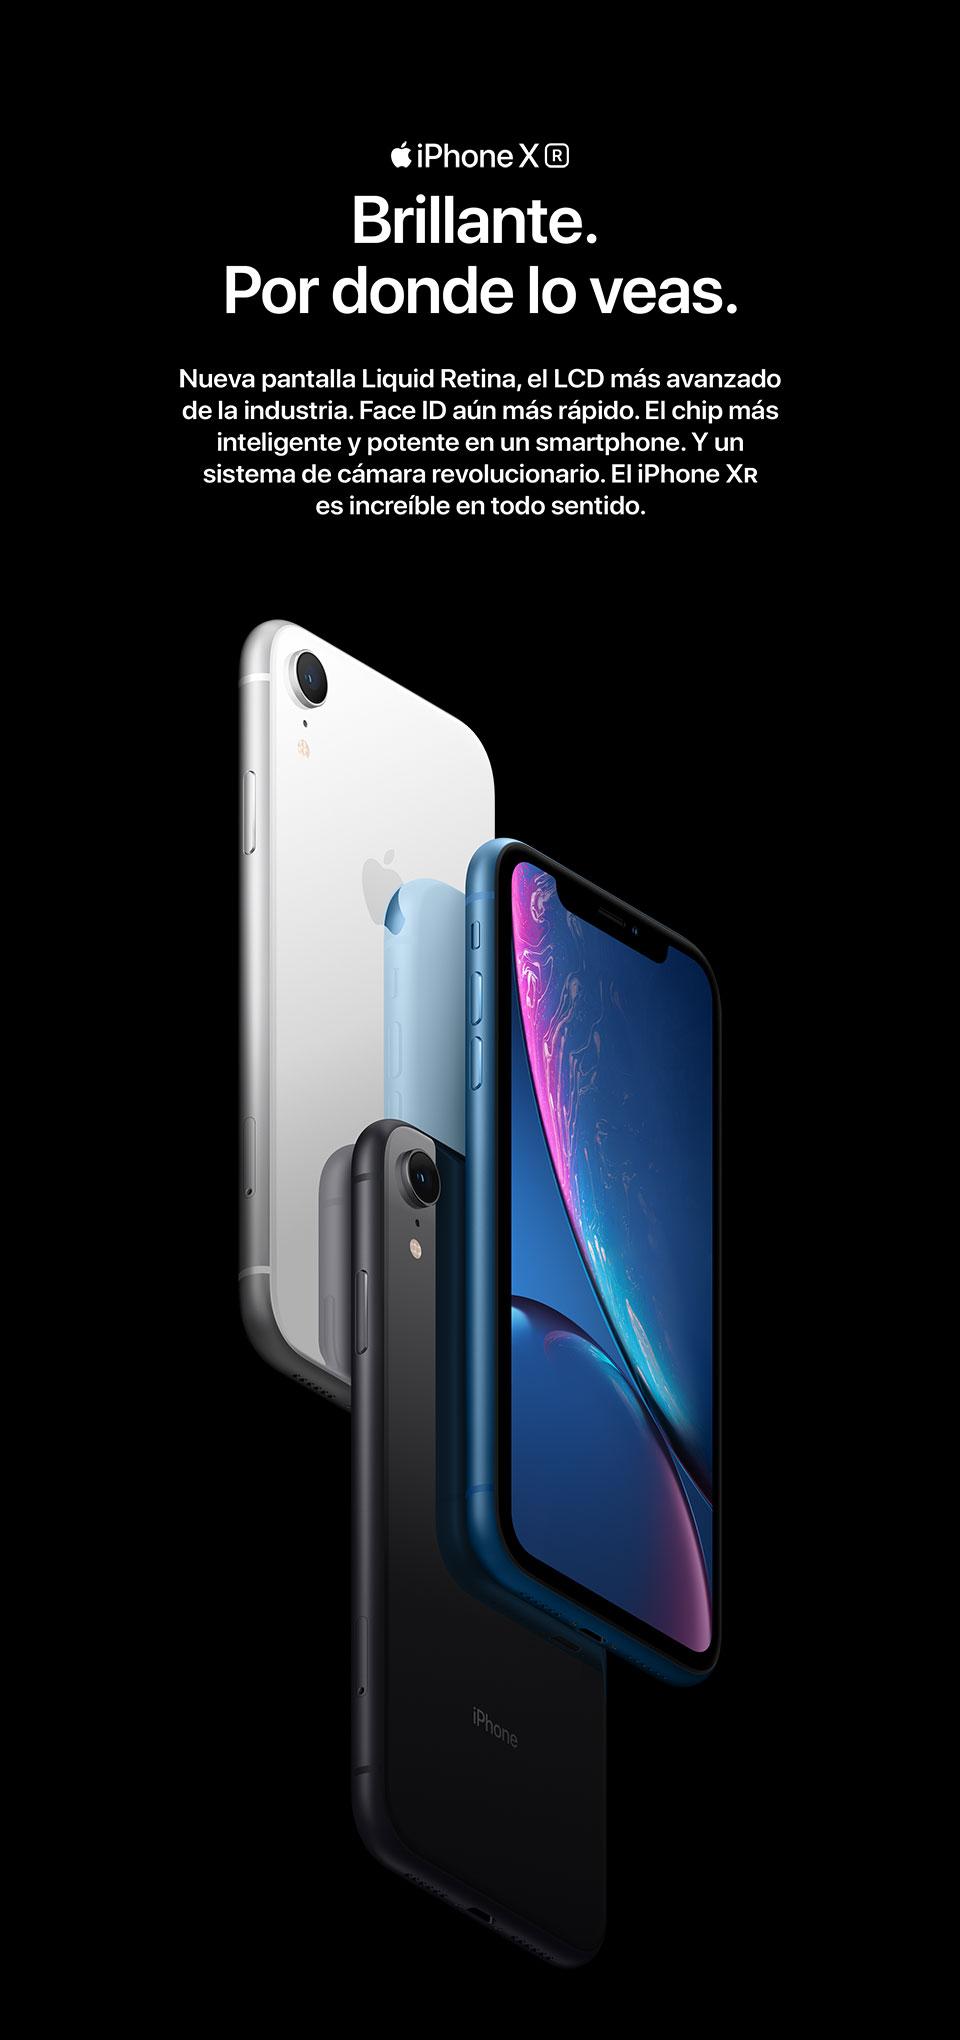 iPhone Xr. Brillante por donde lo veas.